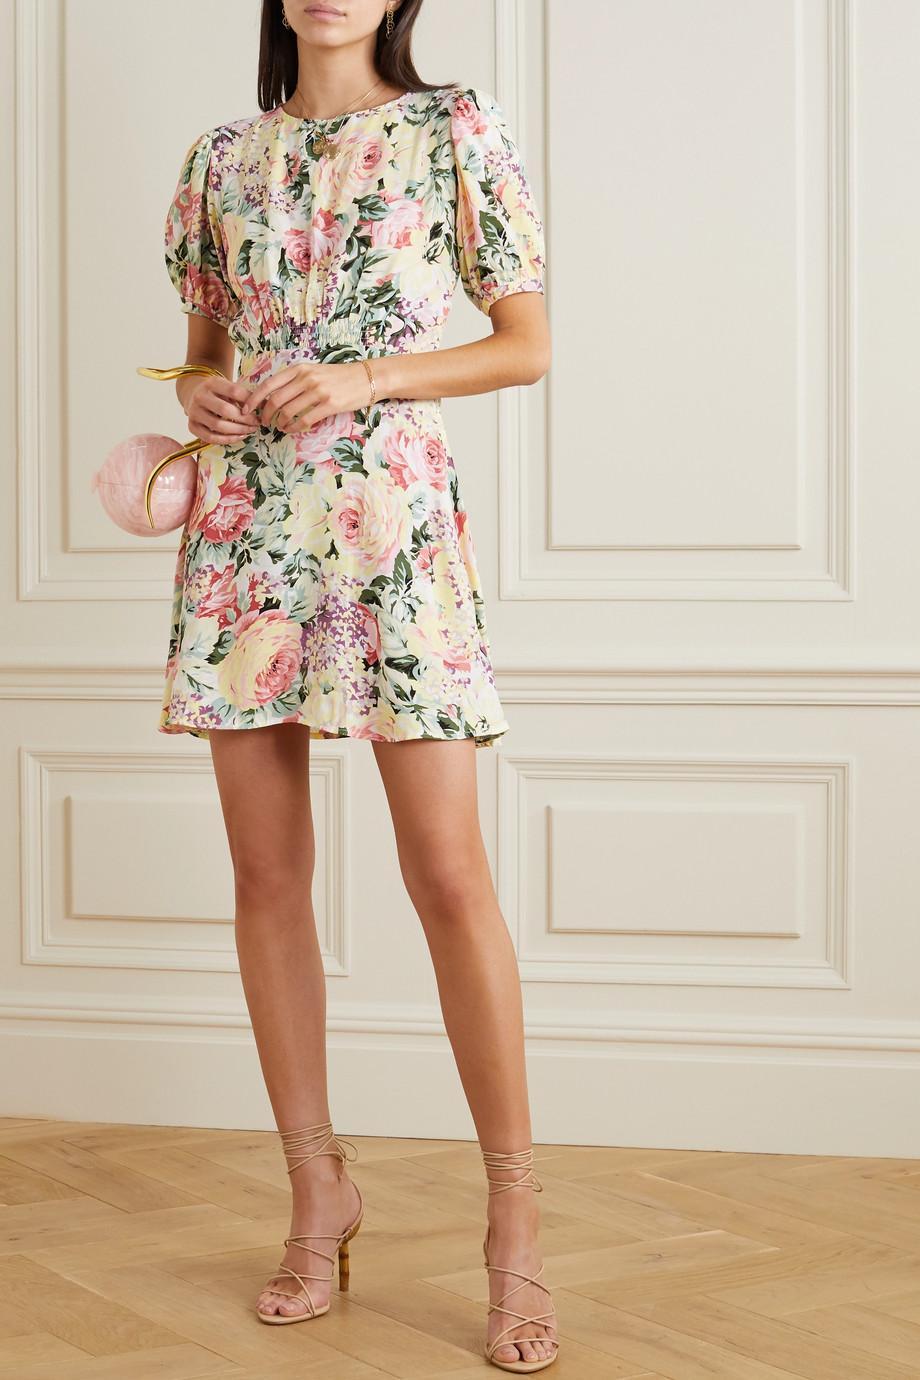 20 Spring Dresses Worthy of Easter Brunch 6